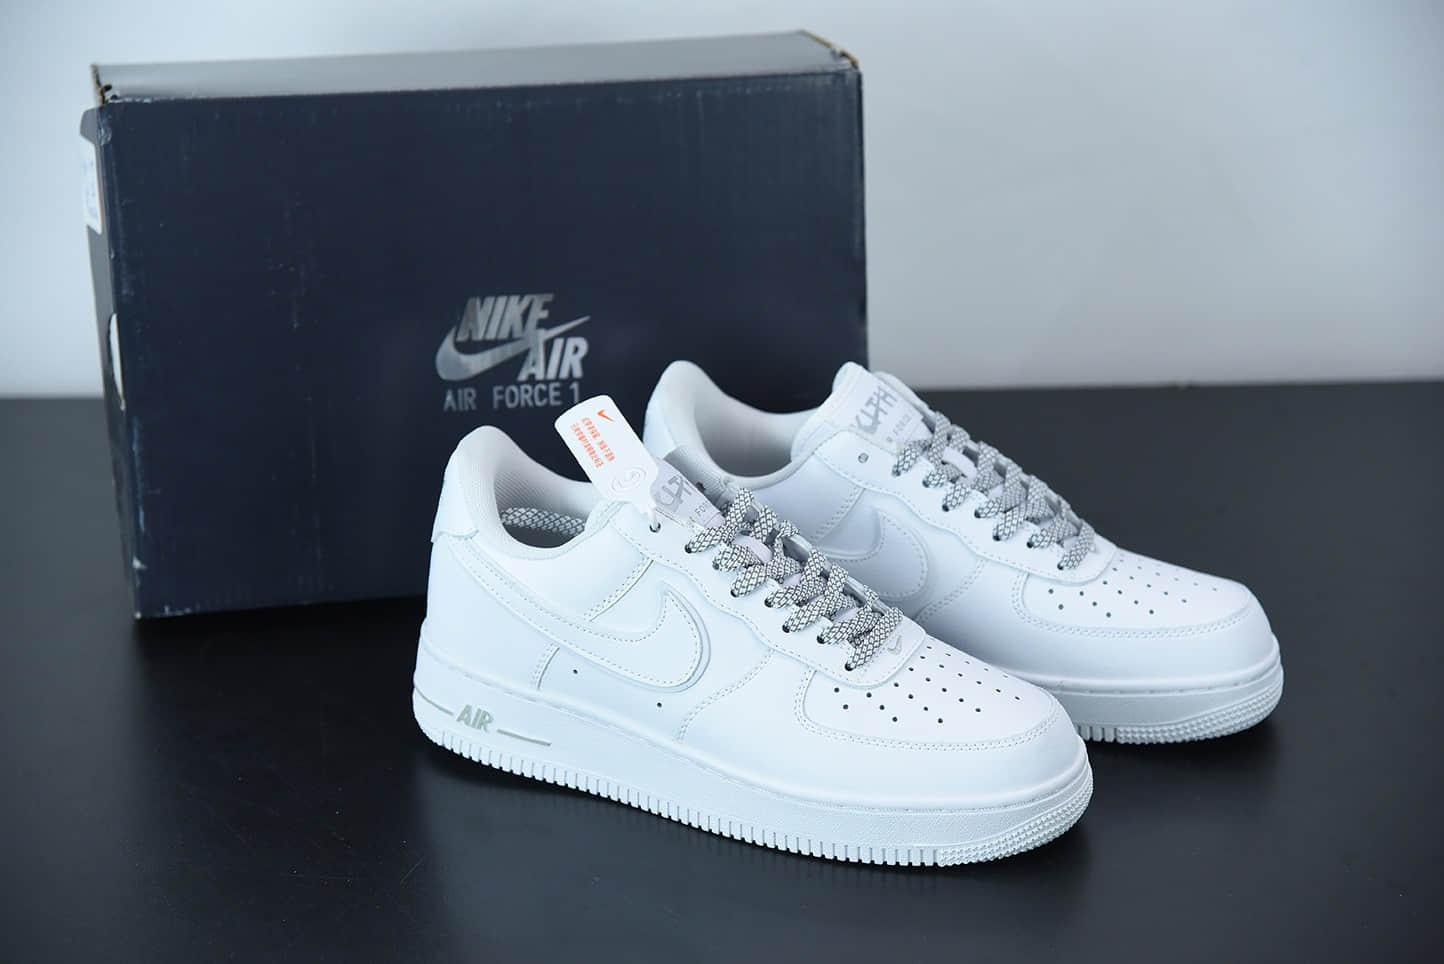 耐克Nike Air Force 1 Low 纯白3M鞋带低帮休闲运动板鞋纯原版本 货号:CR7792-002